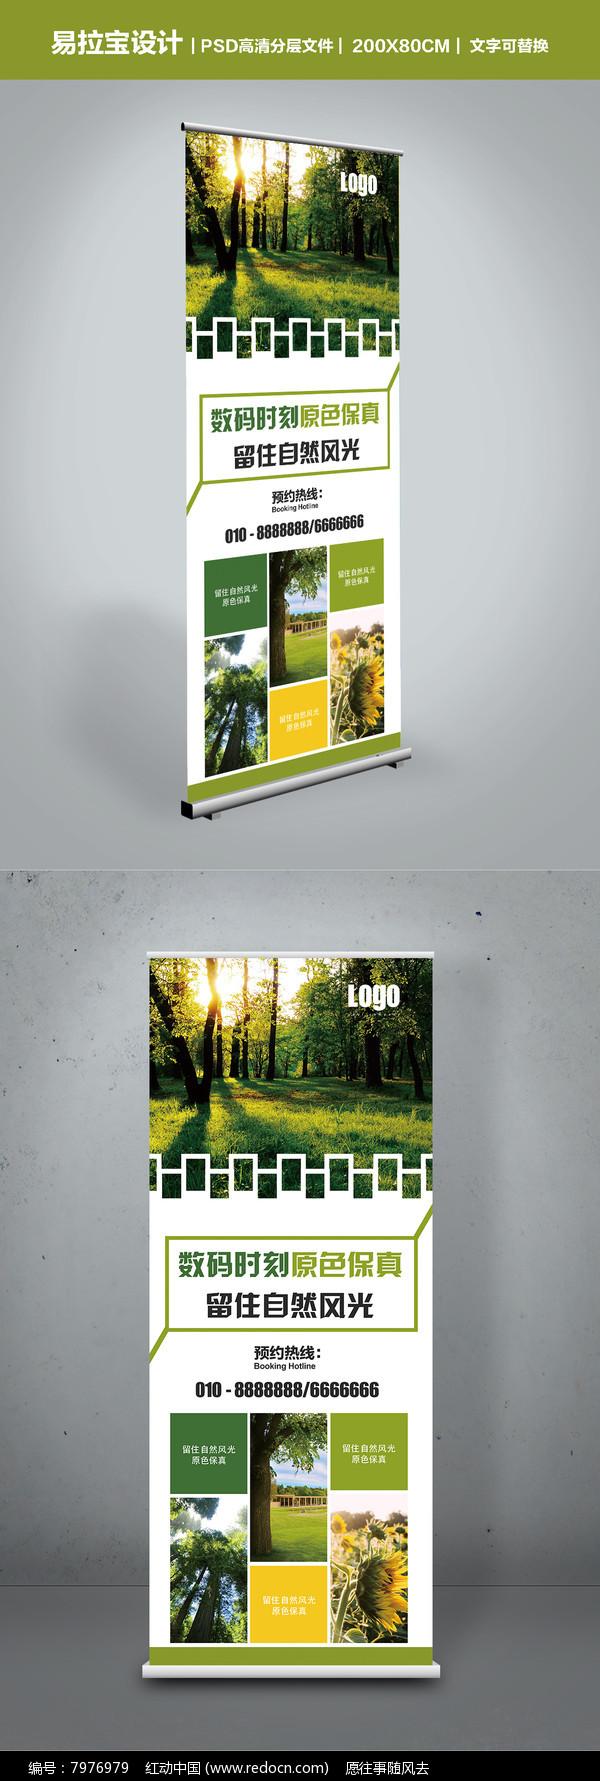 自然风景数码相机宣传易拉宝